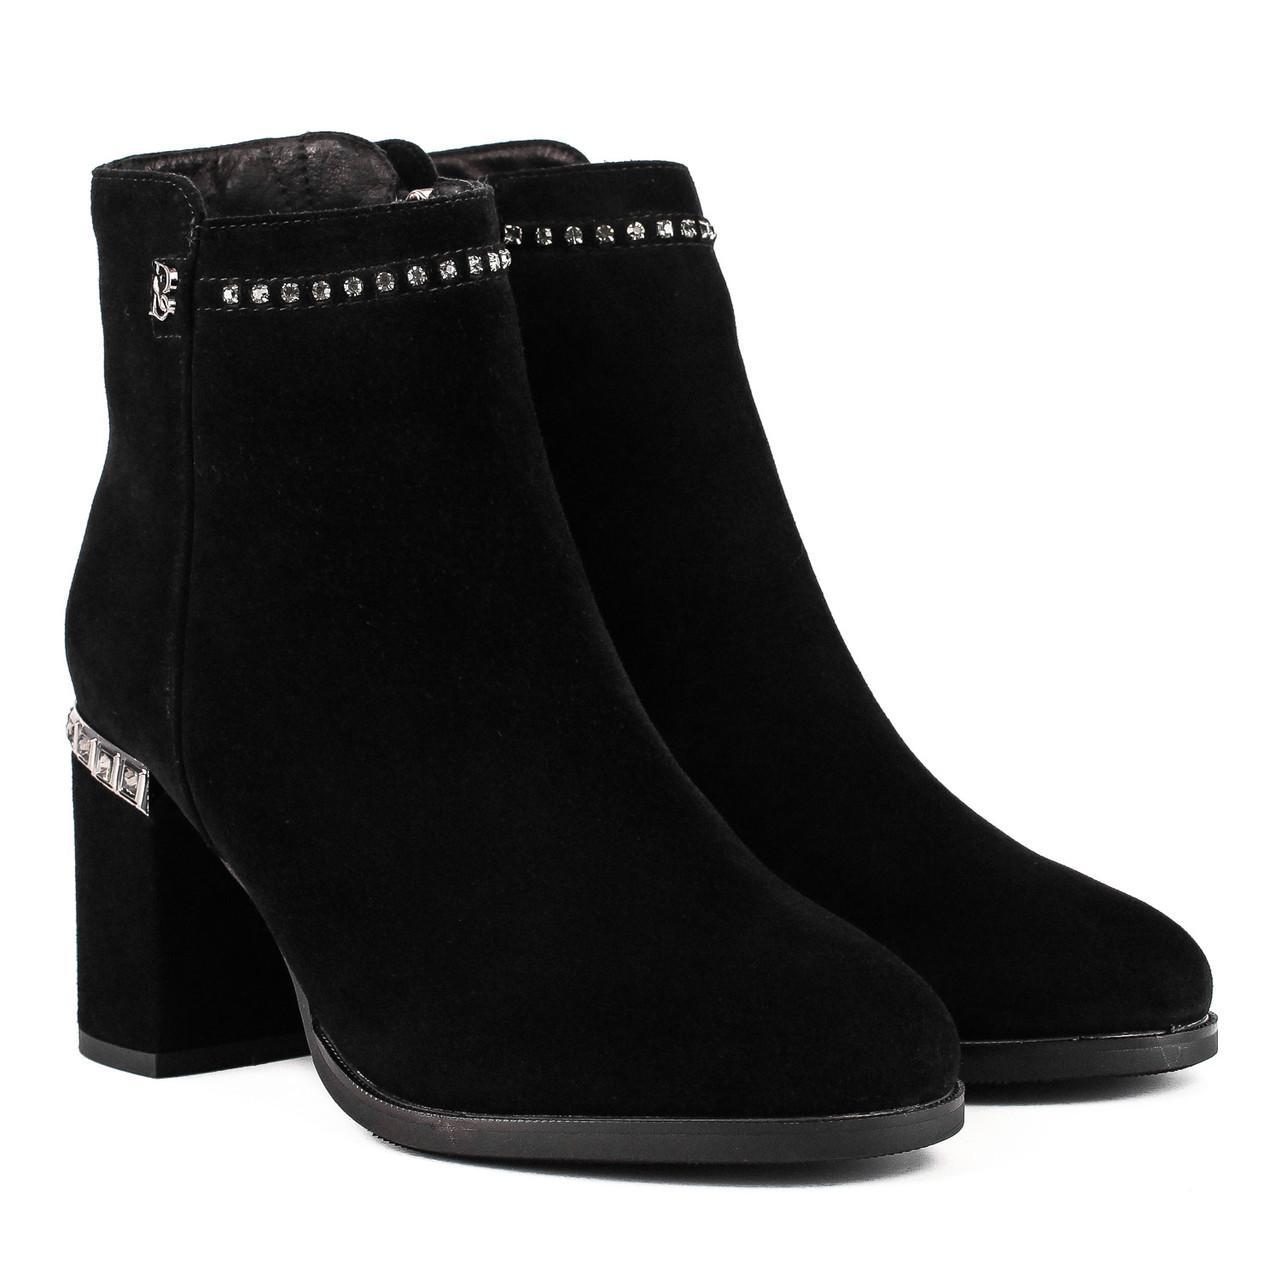 Ботильоны женские Bonetti Co (зимние, теплые, замшевые, на каблуке)